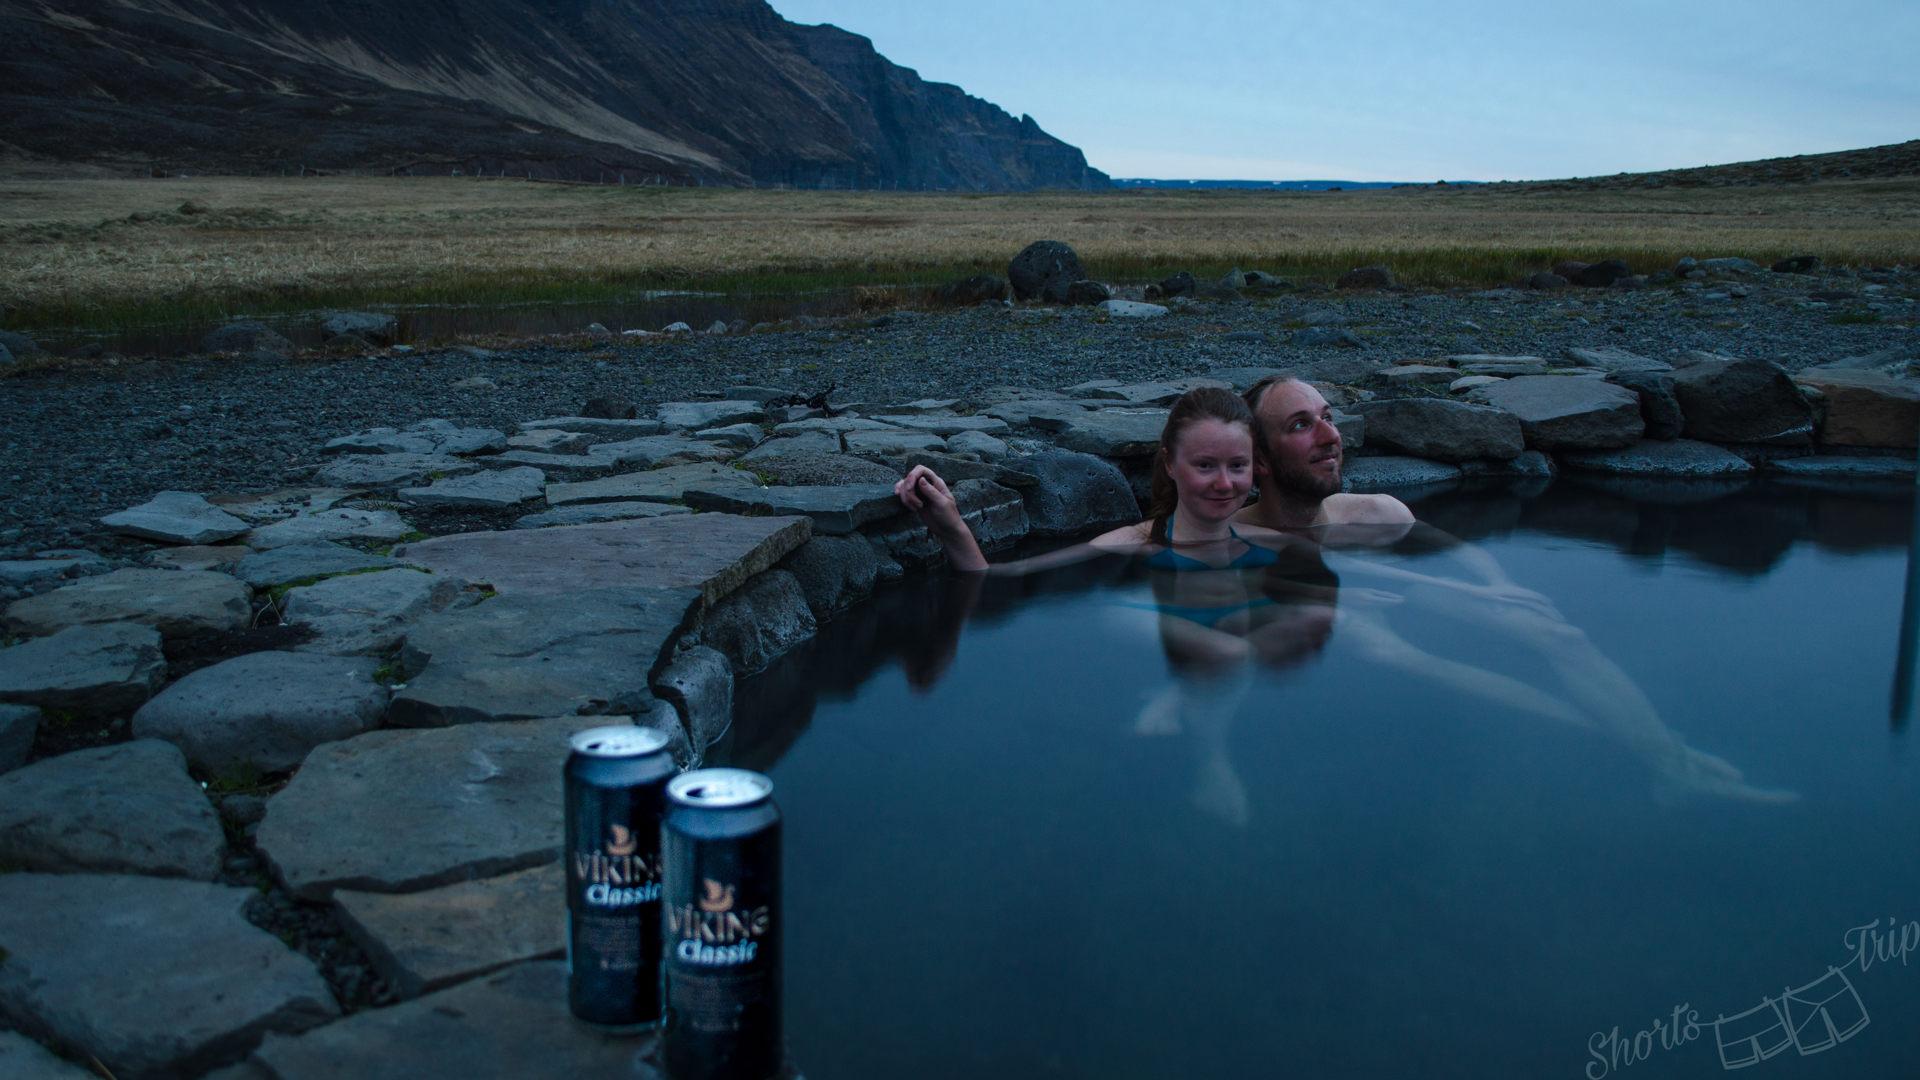 beer hotpot, beer pool, beer iceland, pool, icelandic beer, iceland budget, iceland cheap